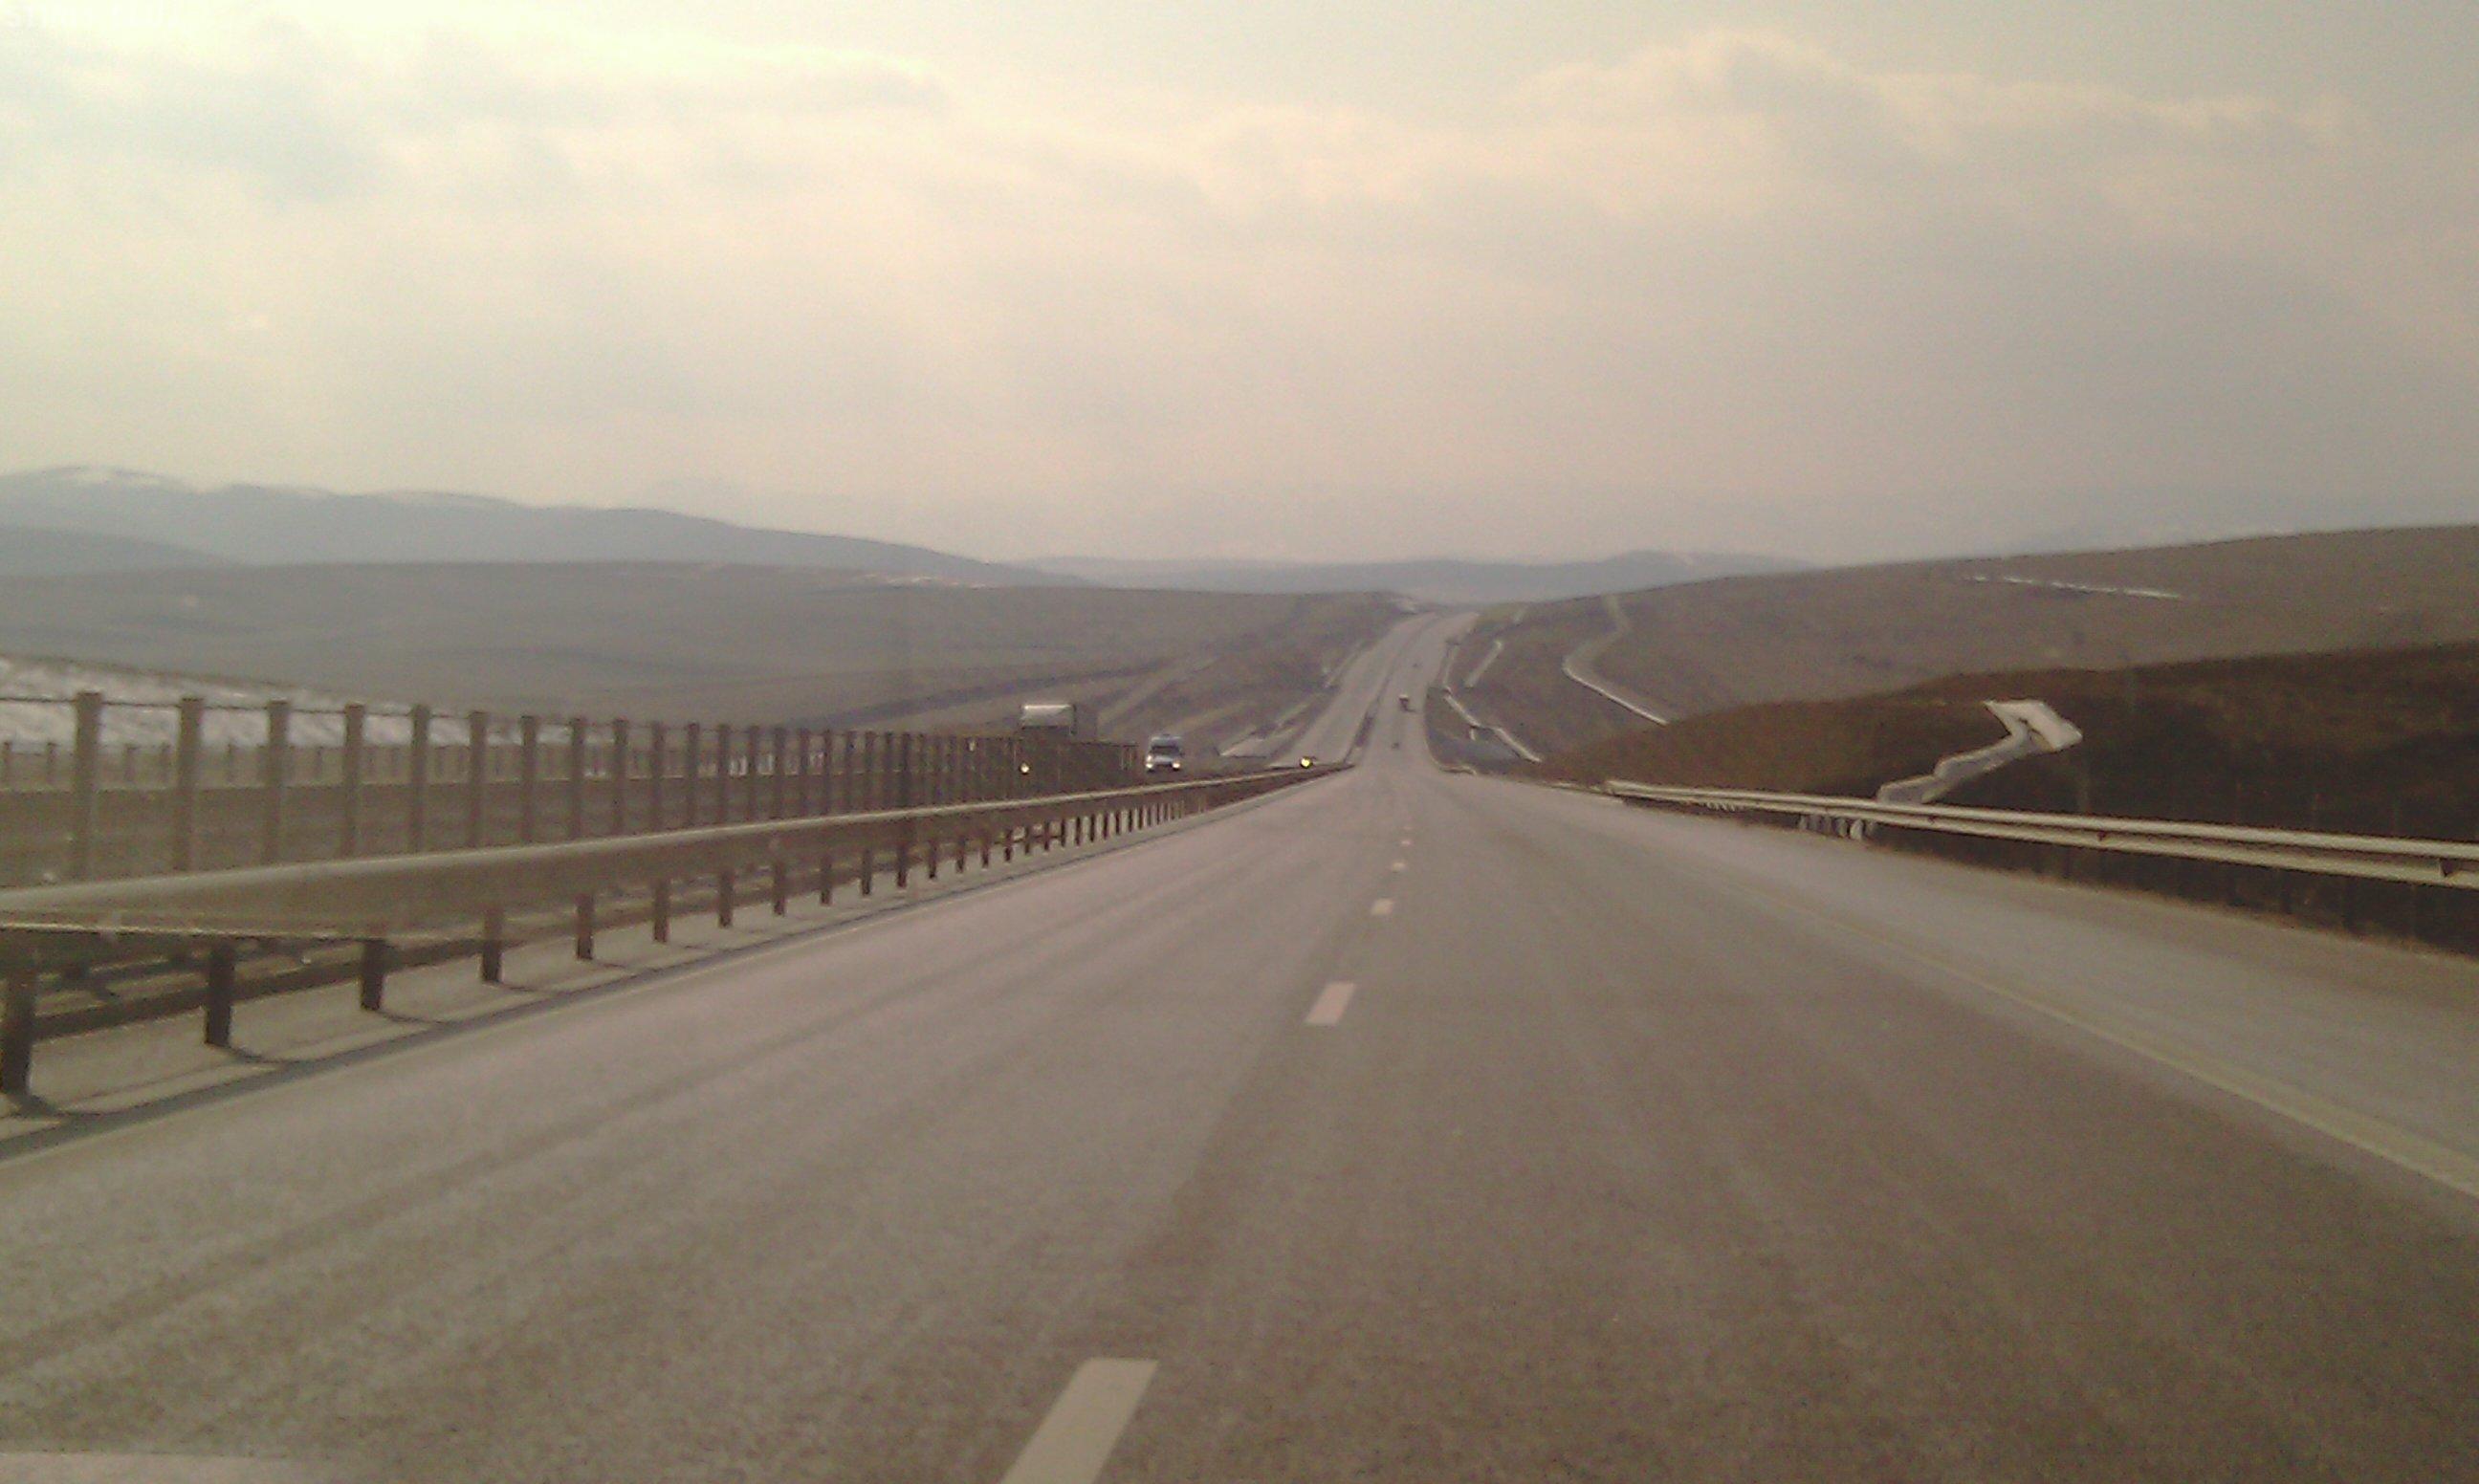 De când vor fi puse taxe pe autostrăzi în România şi cât vom plăti